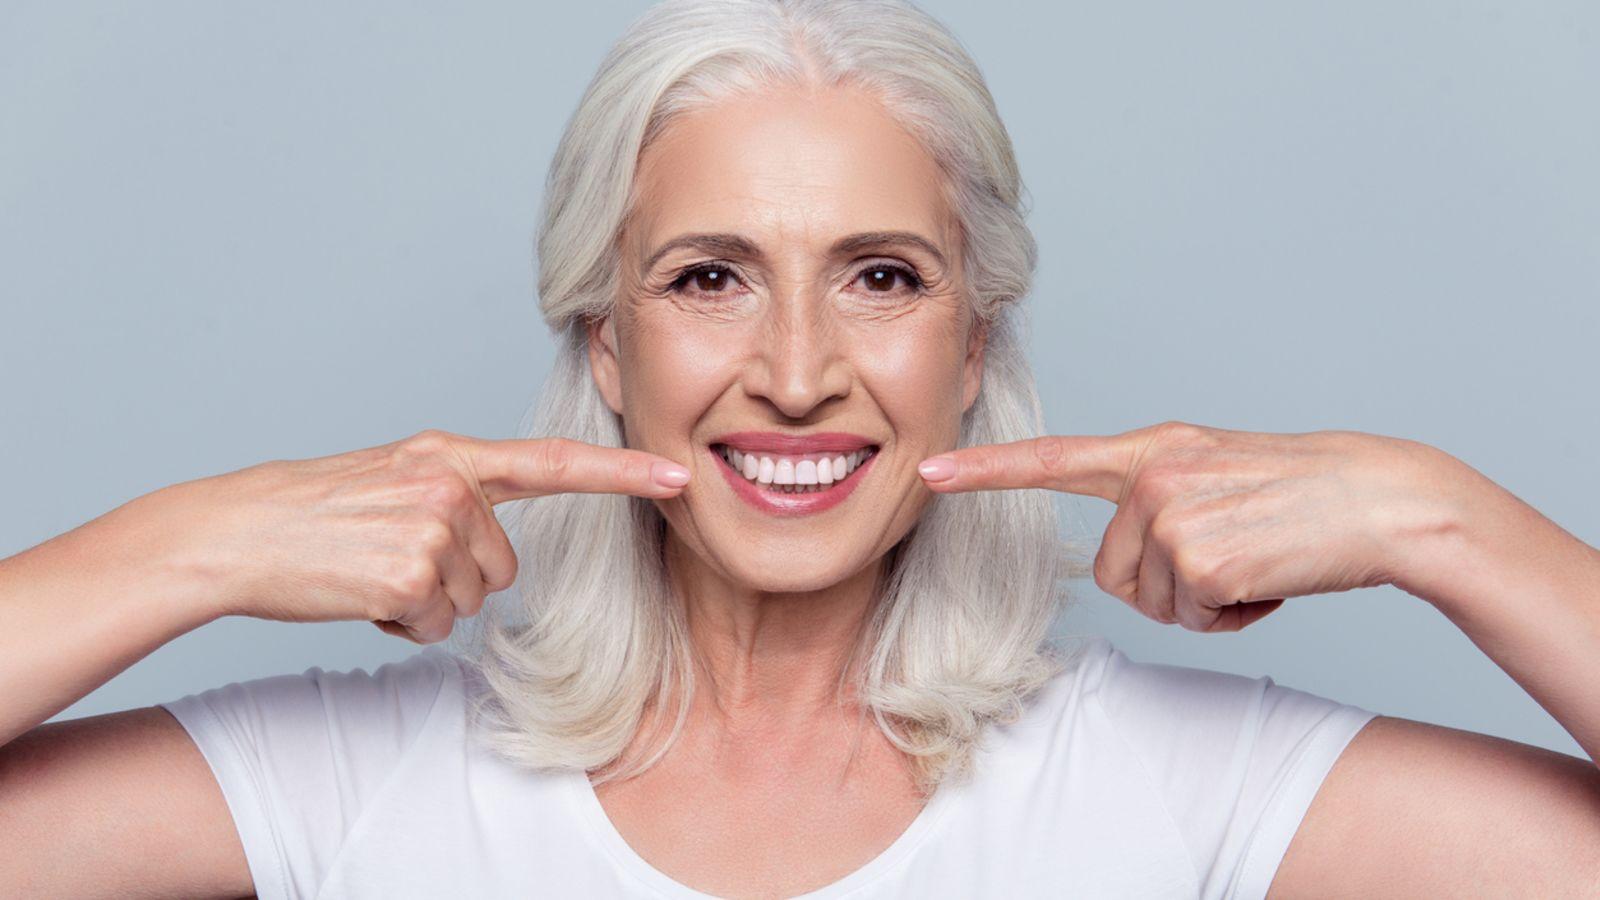 El correcto cuidado y mantenimiento de tu prótesis dental